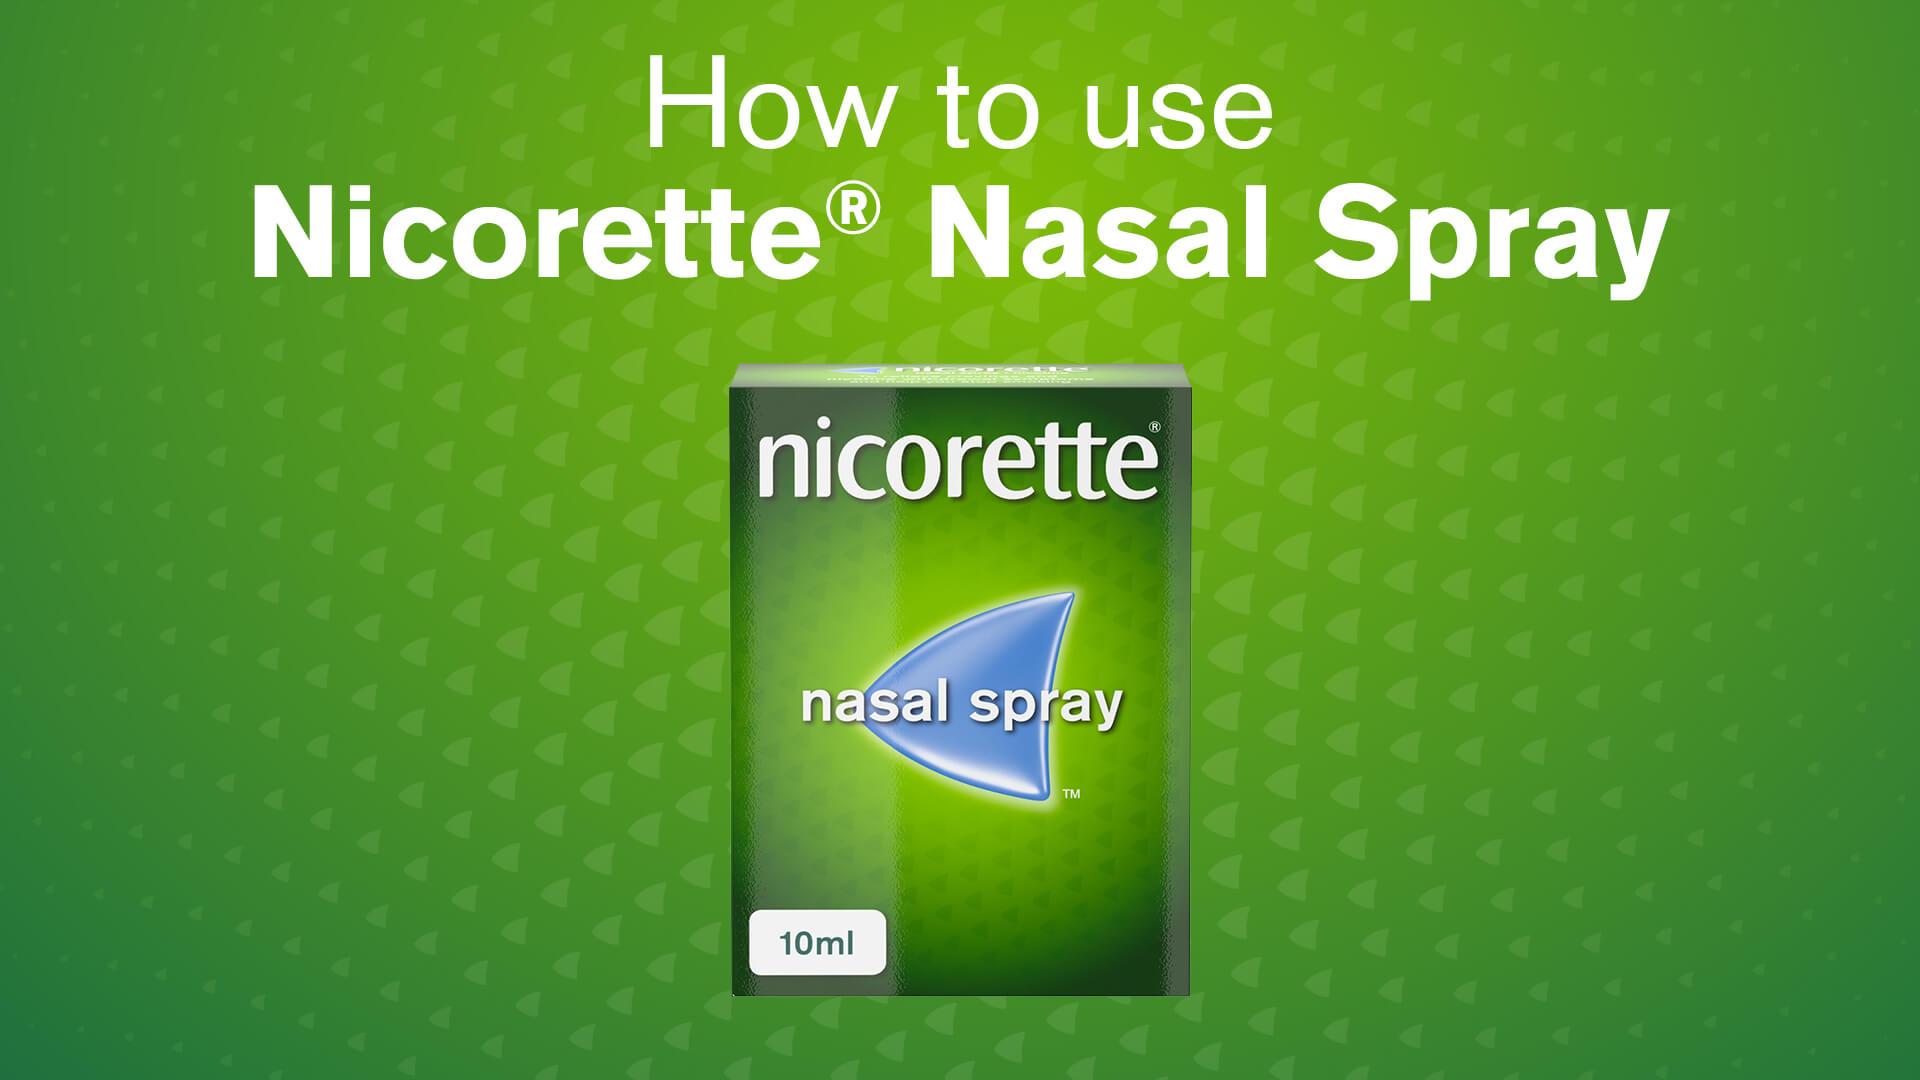 Nicorette® Nasal Spray